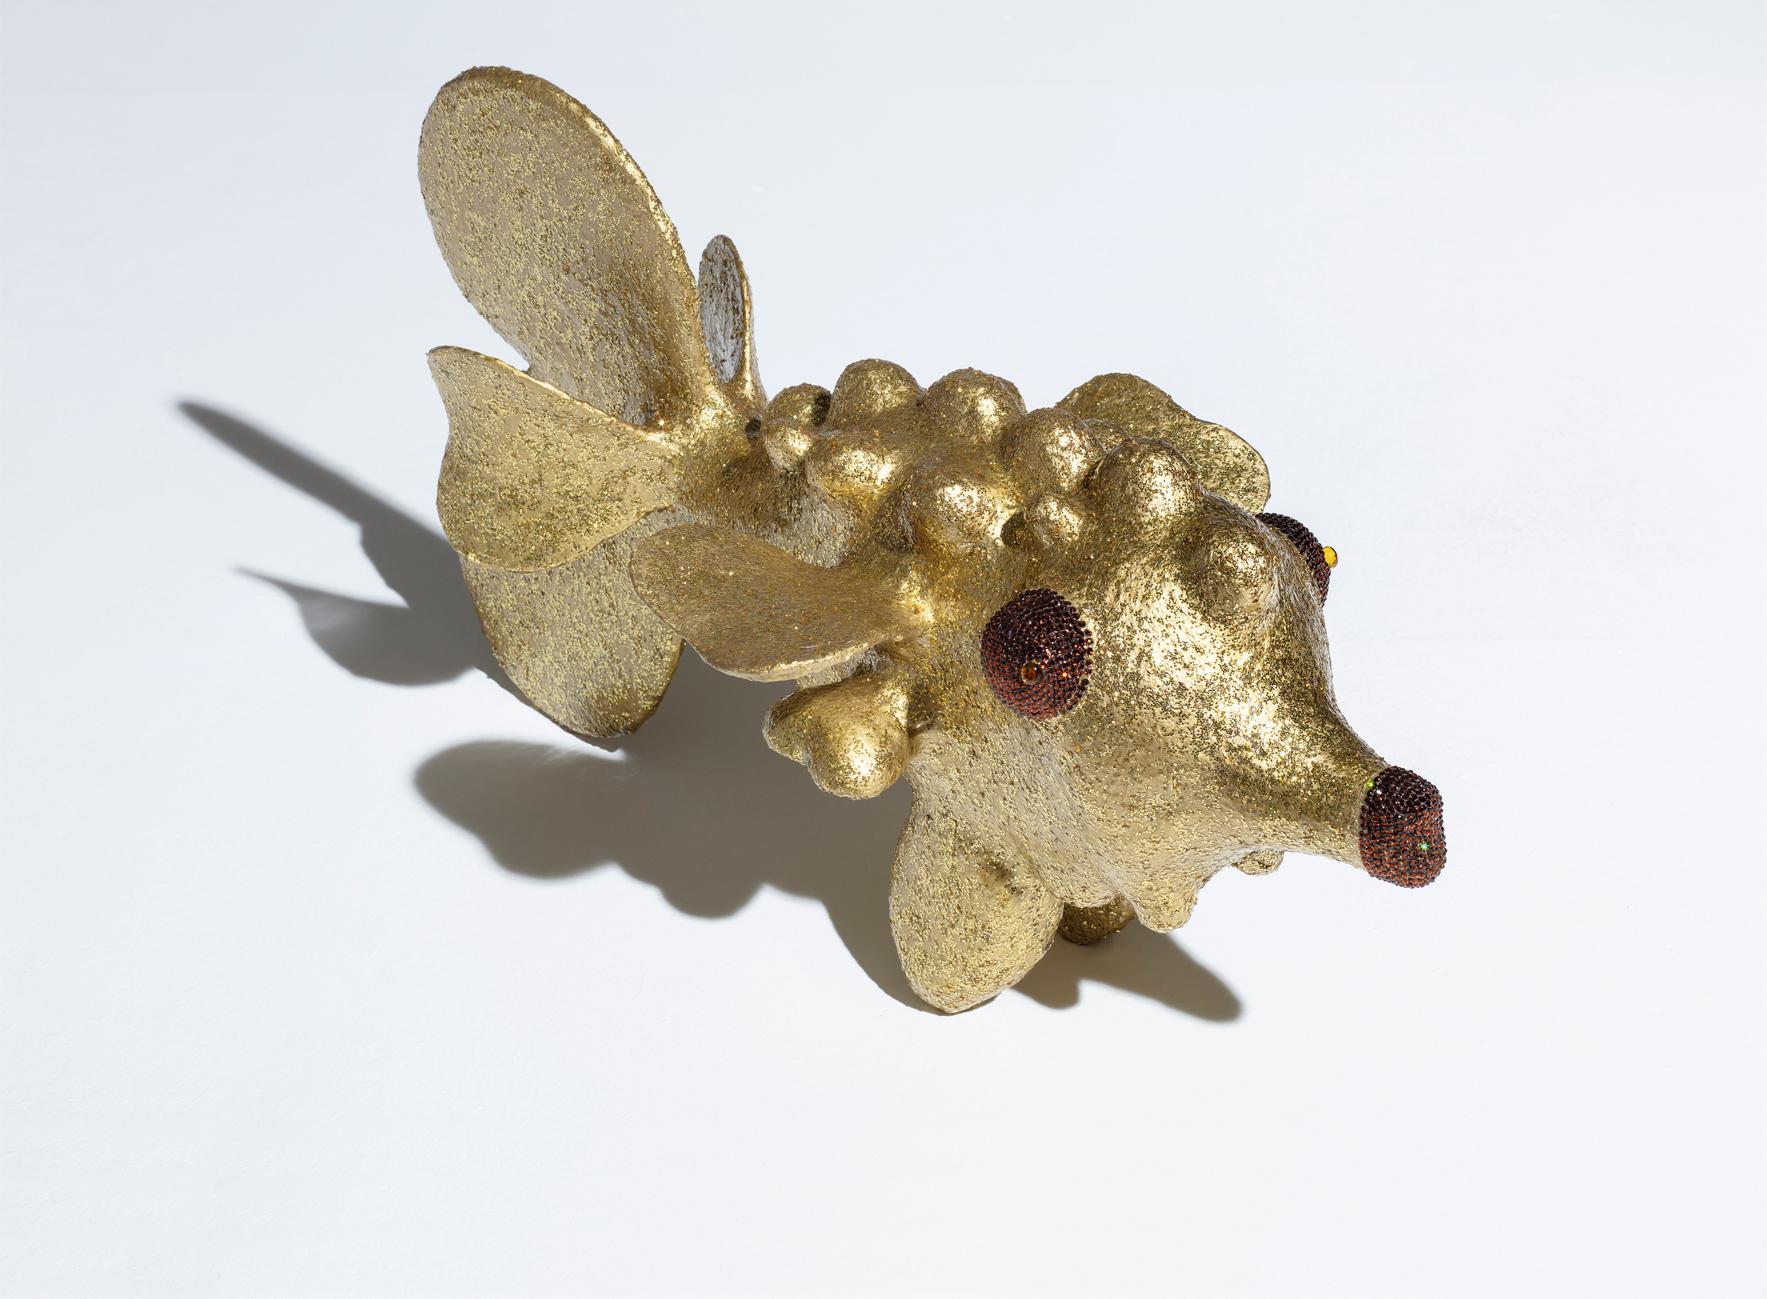 Fisch Gold groß besondere (geheime) Mixtur, 3500 Swarovskisteine, Glassteine  Unikat 2019, 47/42/83 cm